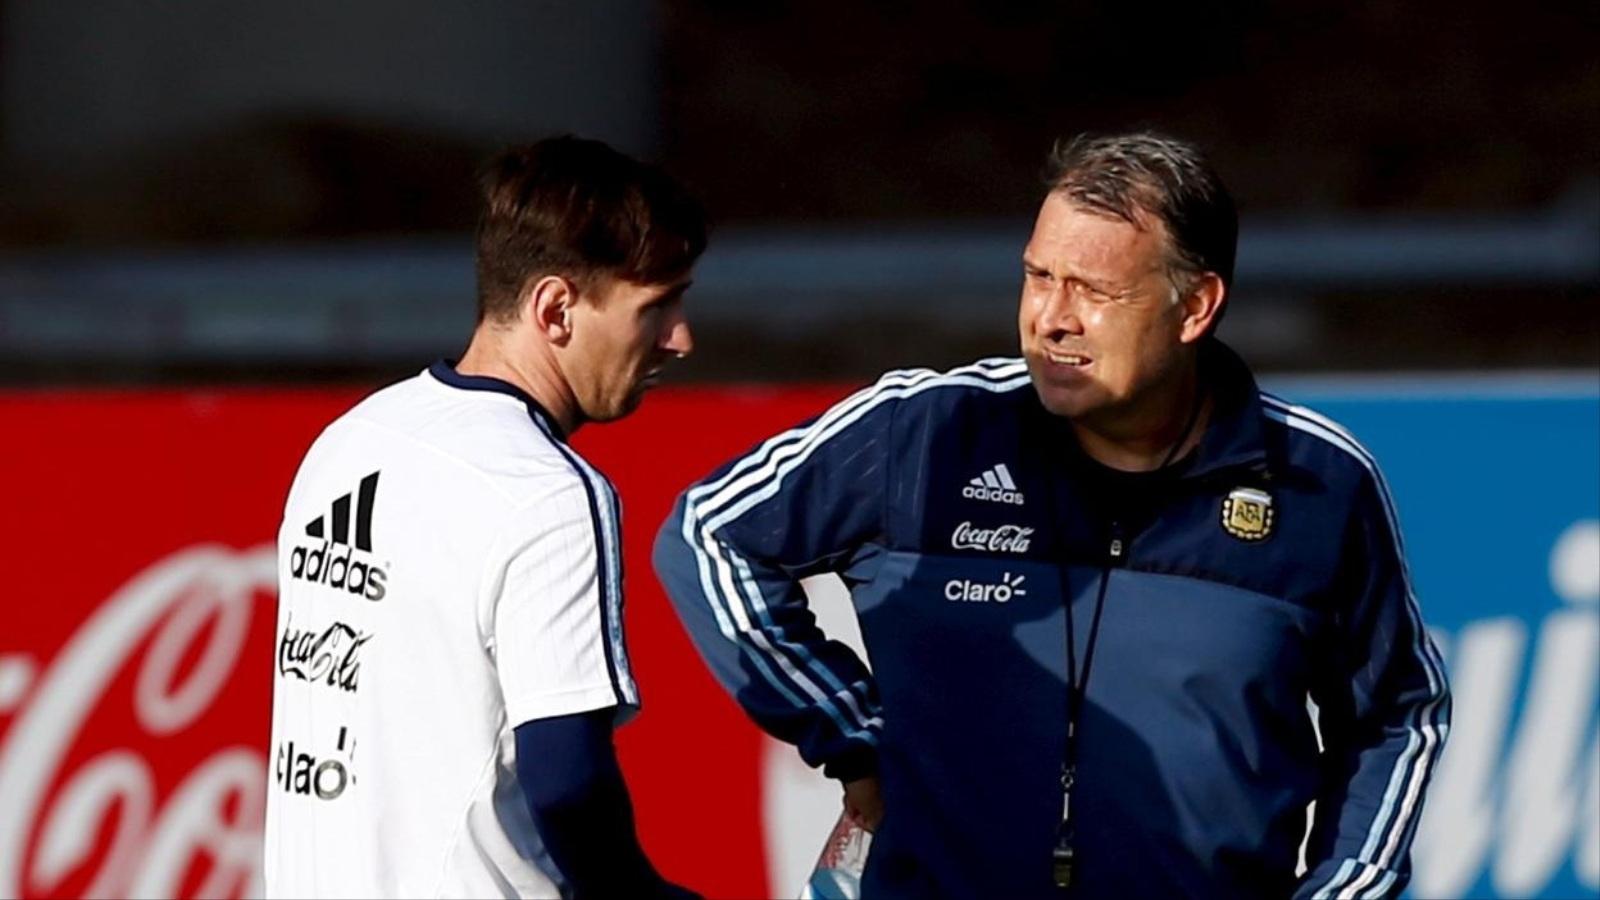 مارتينو يستقيل من تدريب المنتخب الأرجنتيني لكرة لقدم